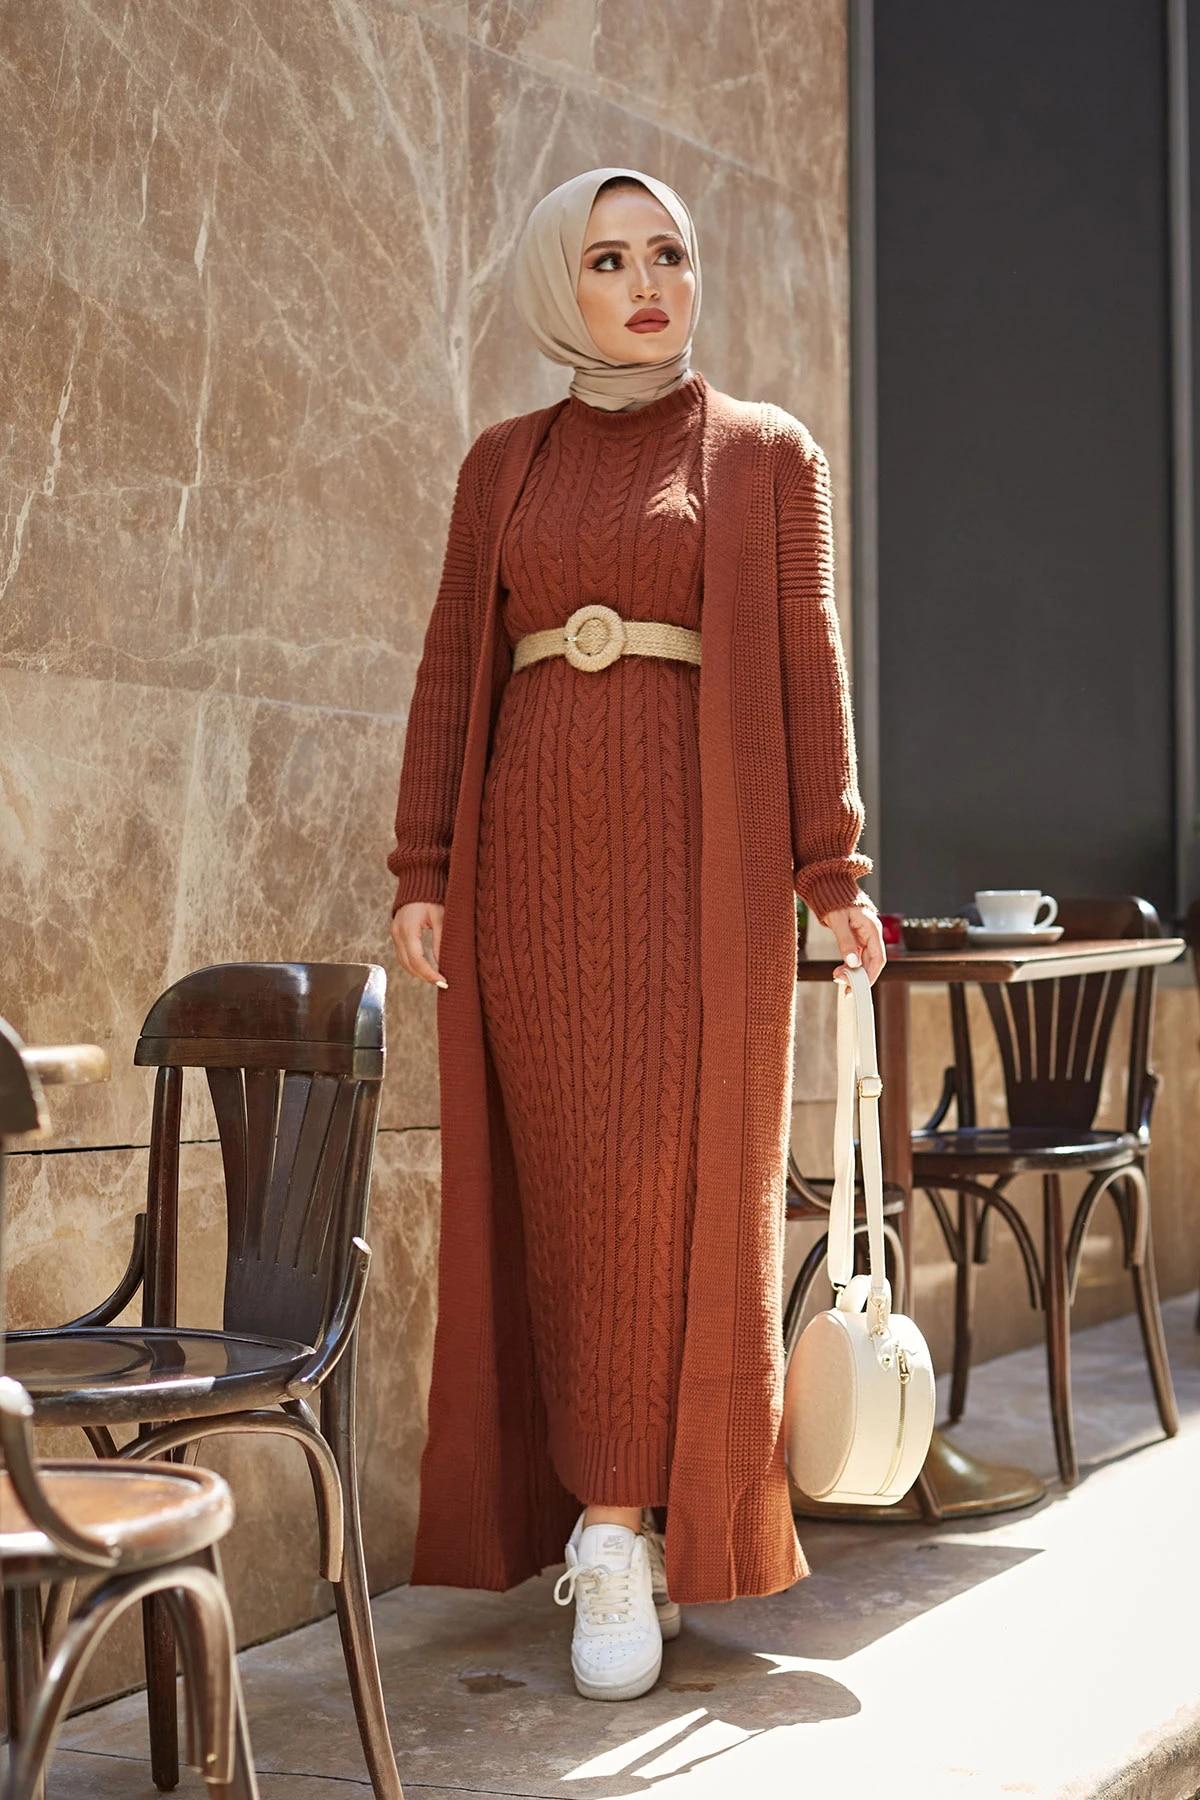 Комплект из 2 предметов, пальто для женщин Арабский мусульманка одежда длинное платье для зимы и осени, امرأة ستر Дубай модные английские